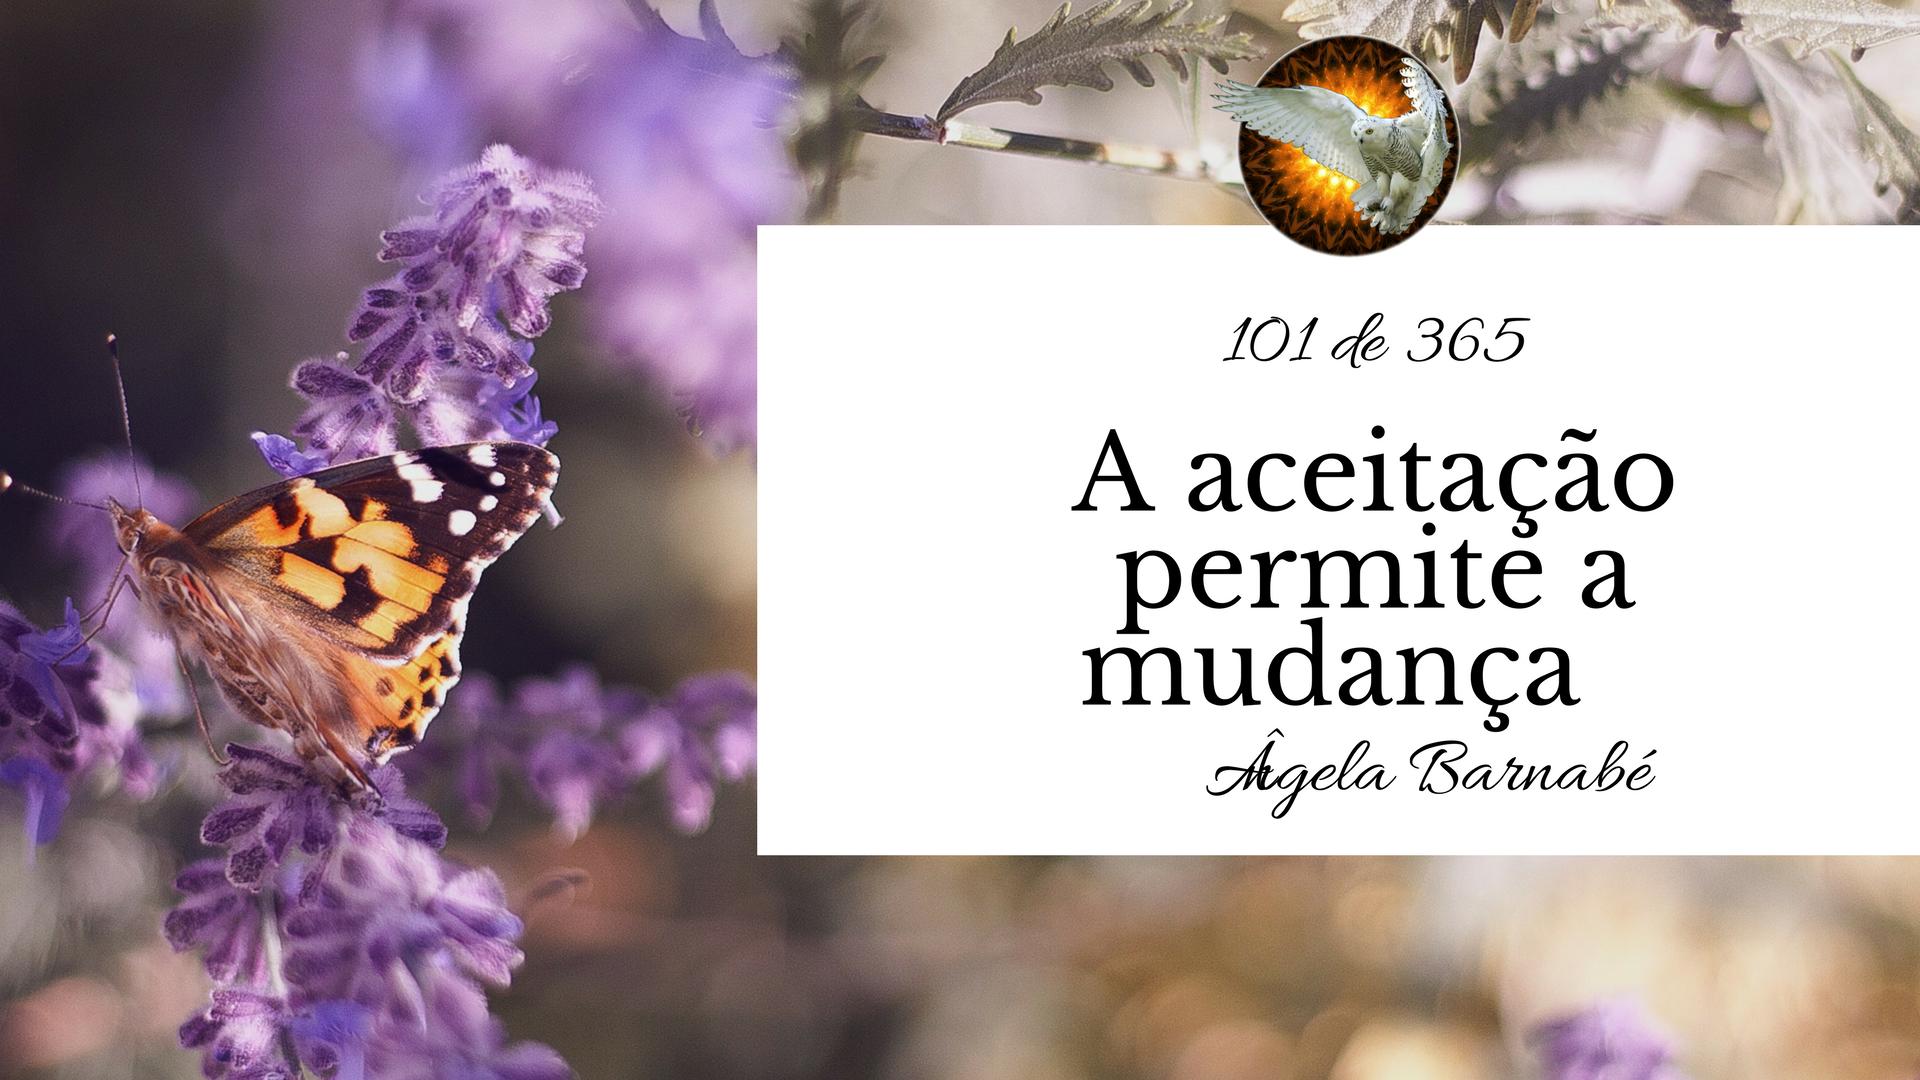 aceitação permite mudança